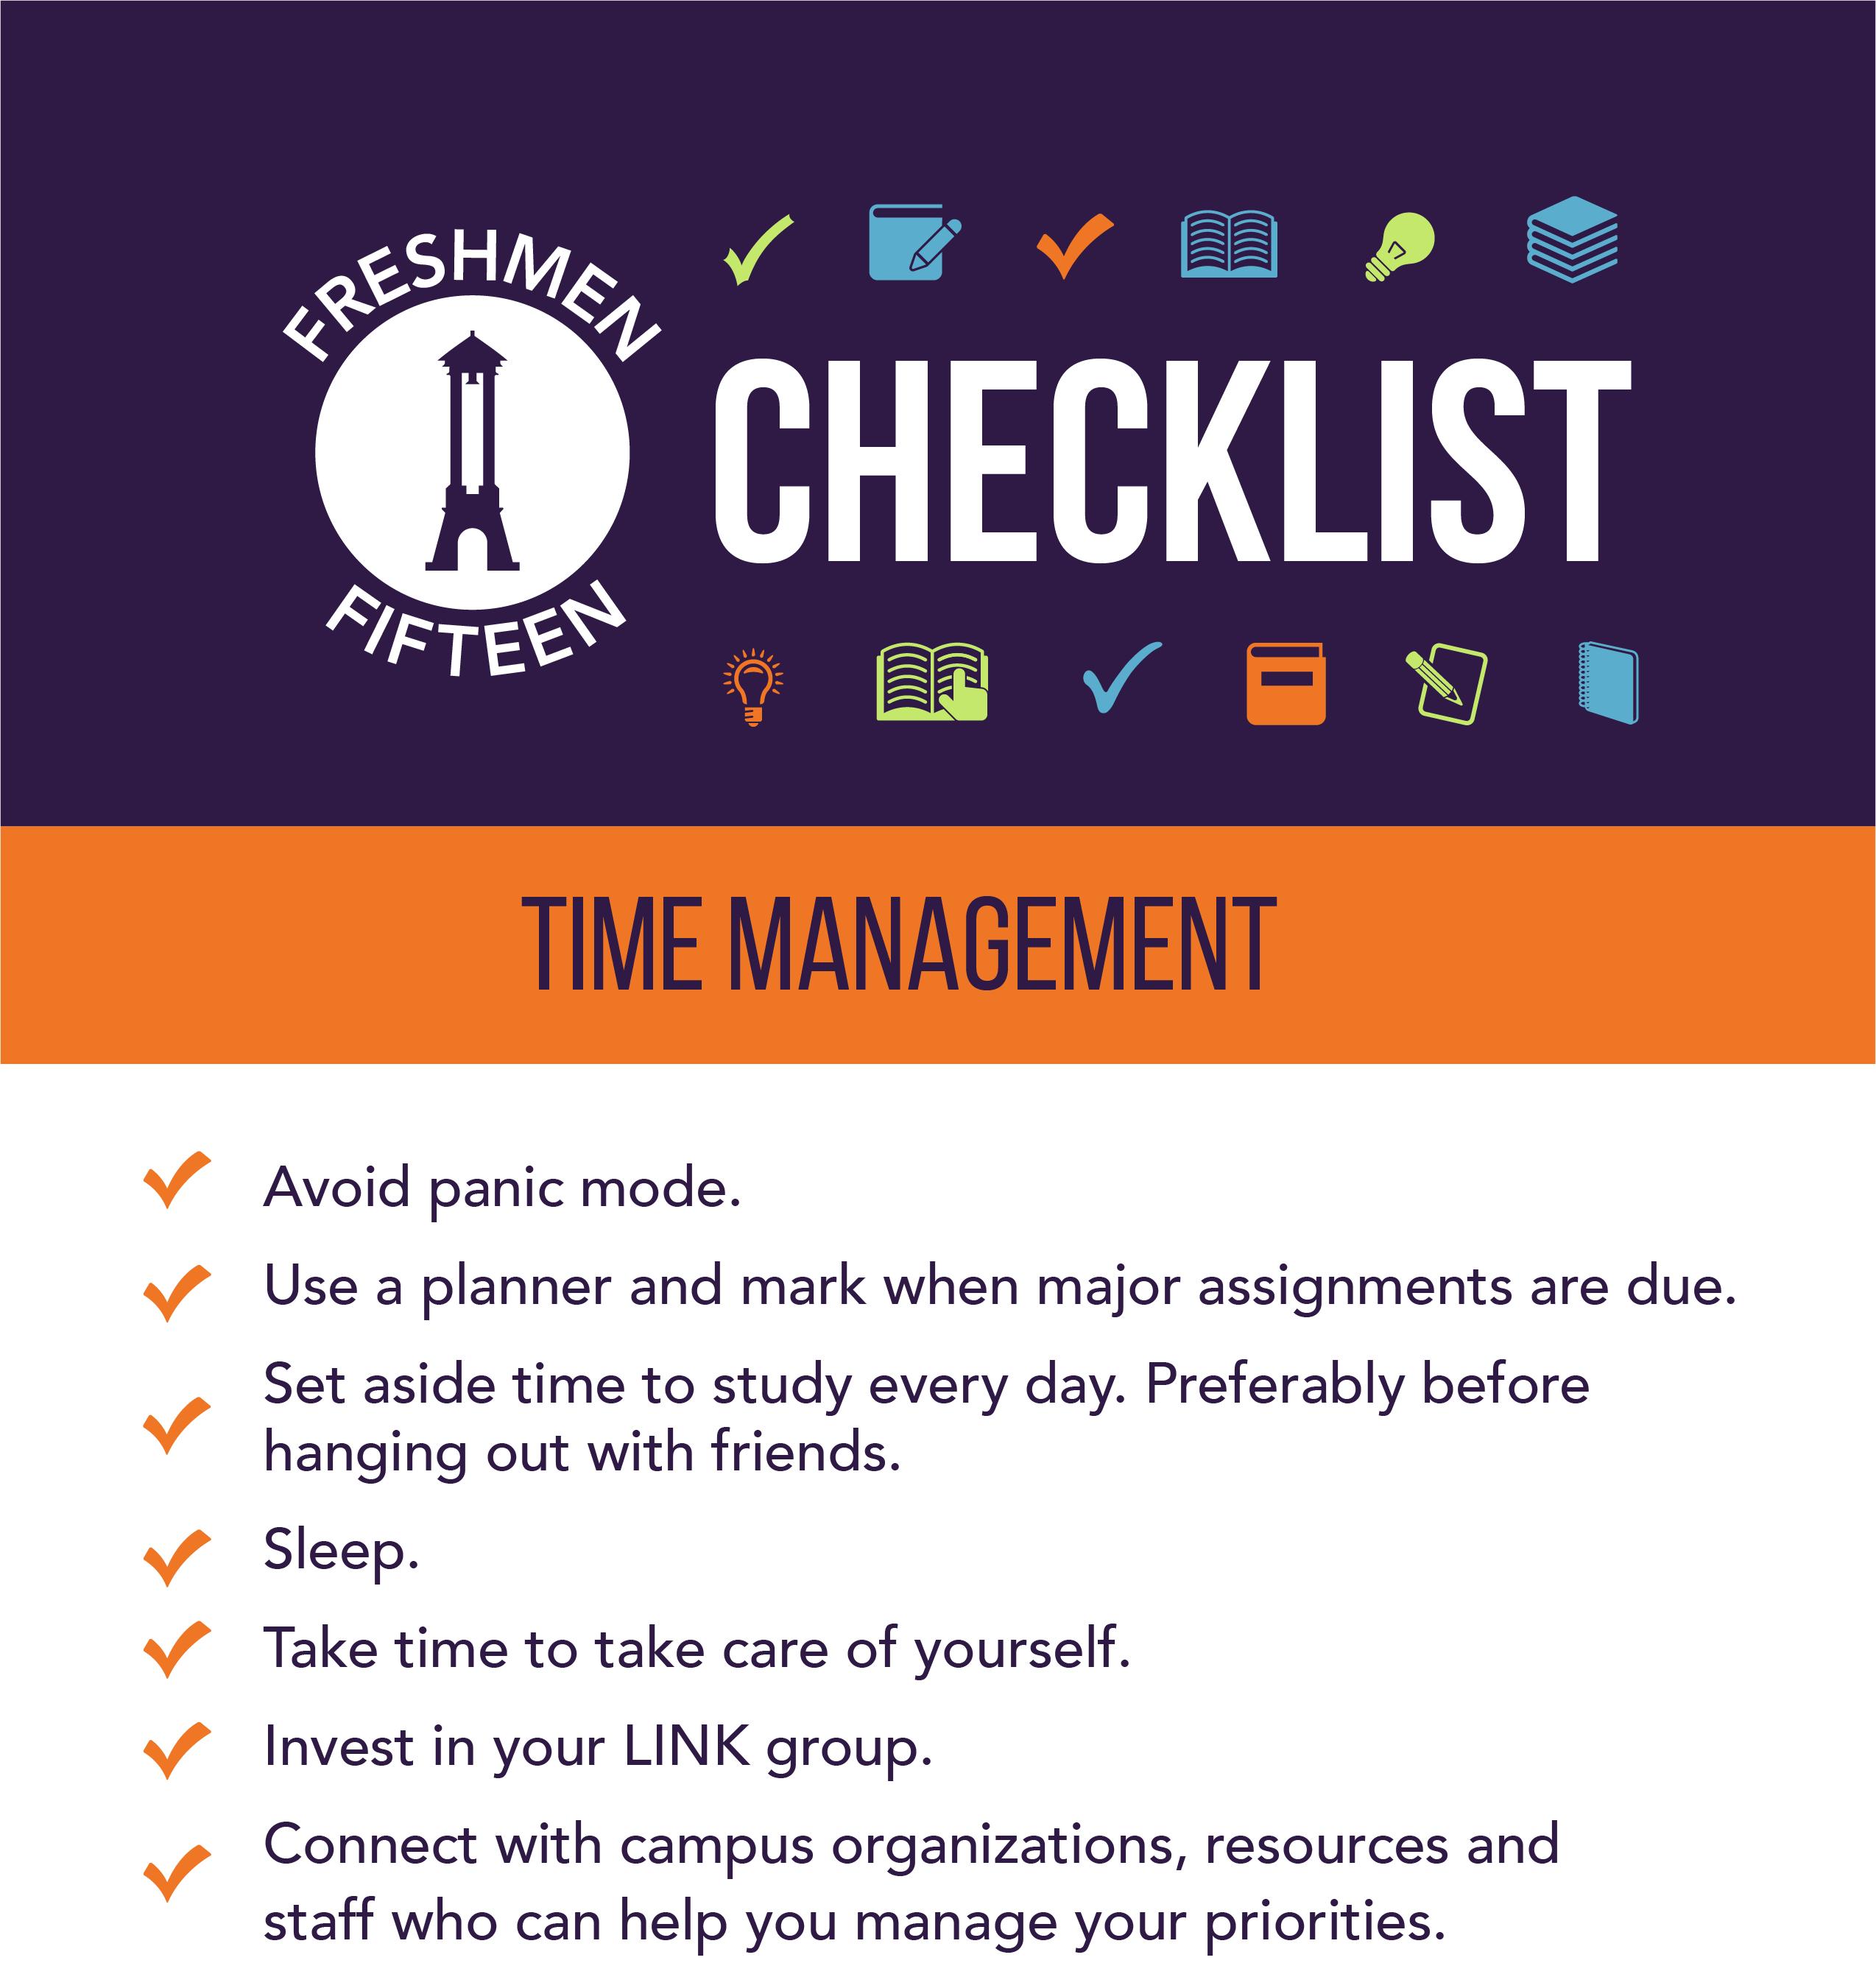 Freshmen 15_Checklist Time Management